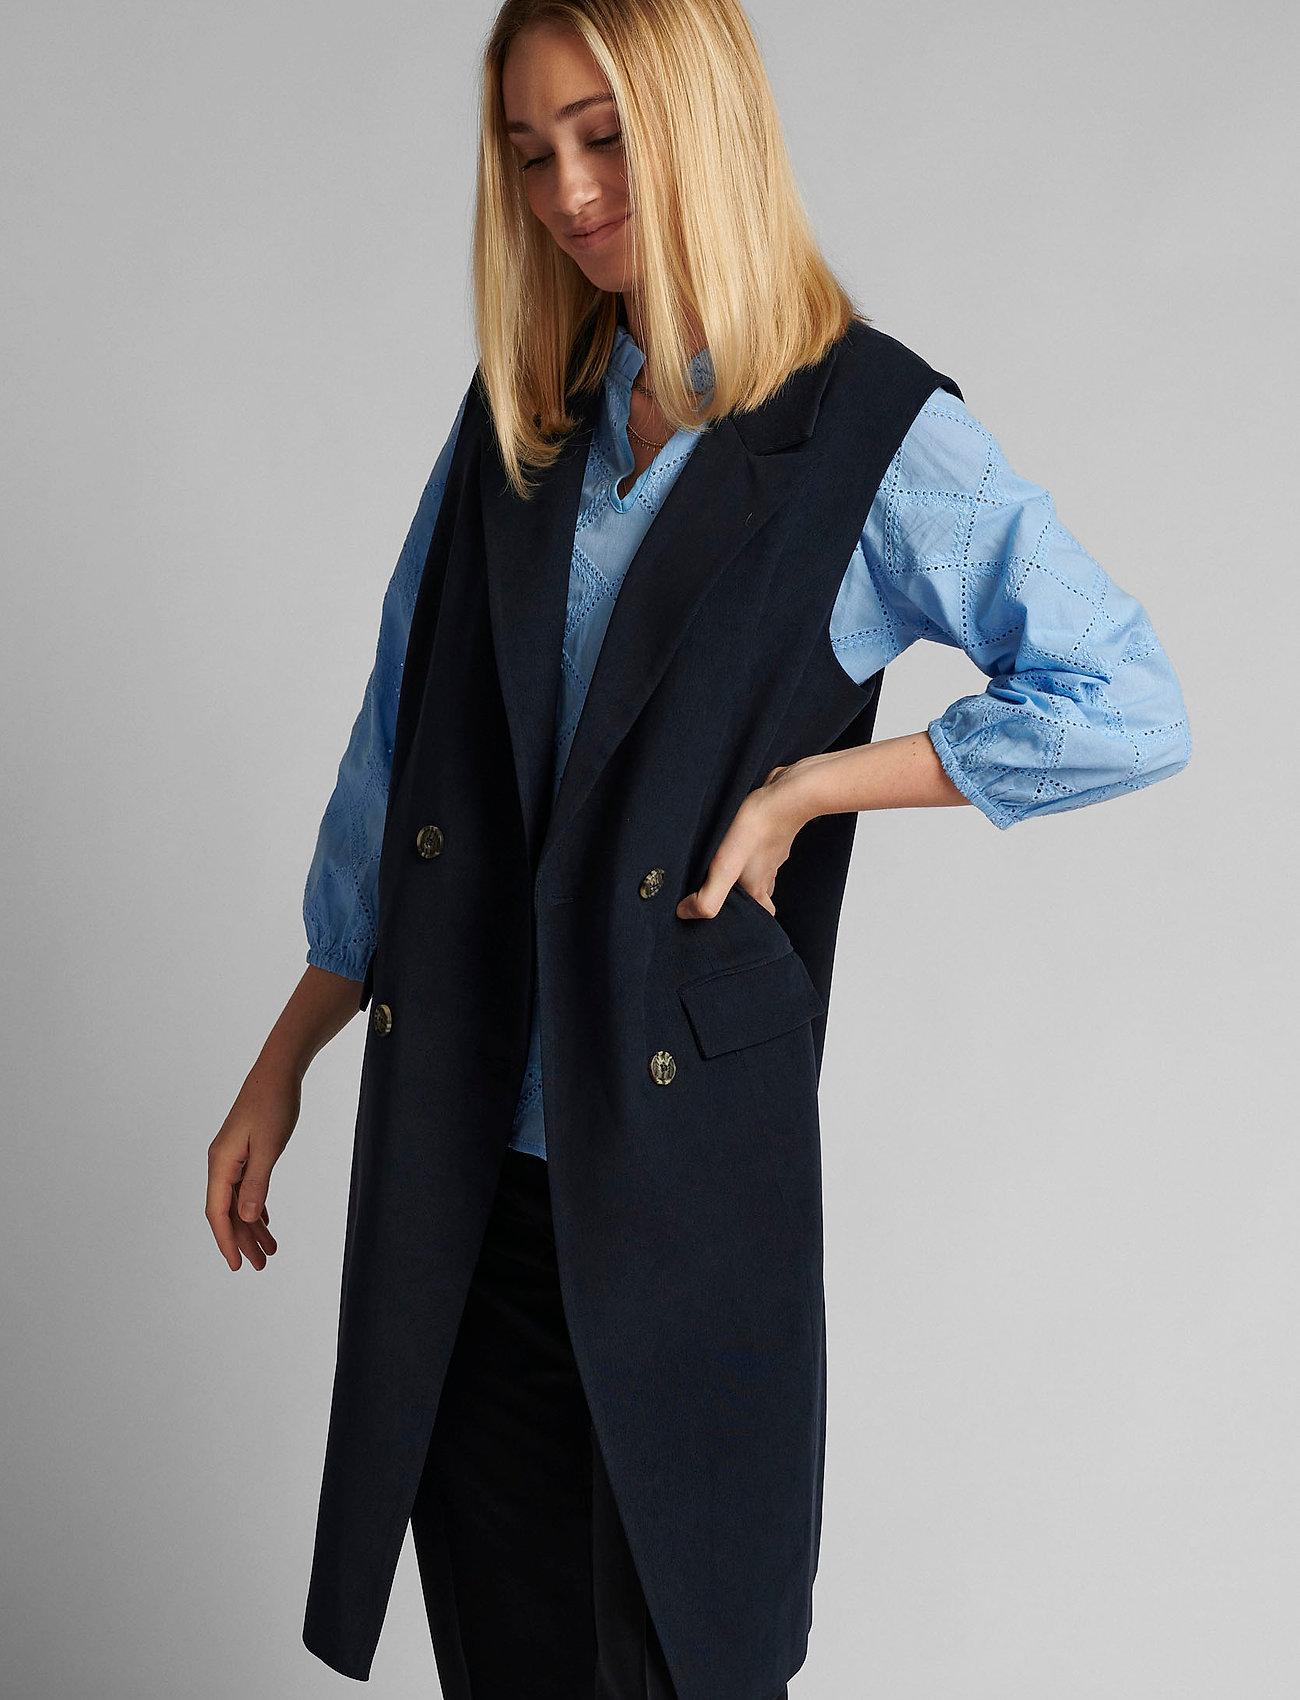 Nümph - NUCHRISTA WAISTCOAT - knitted vests - dark sapphire - 0